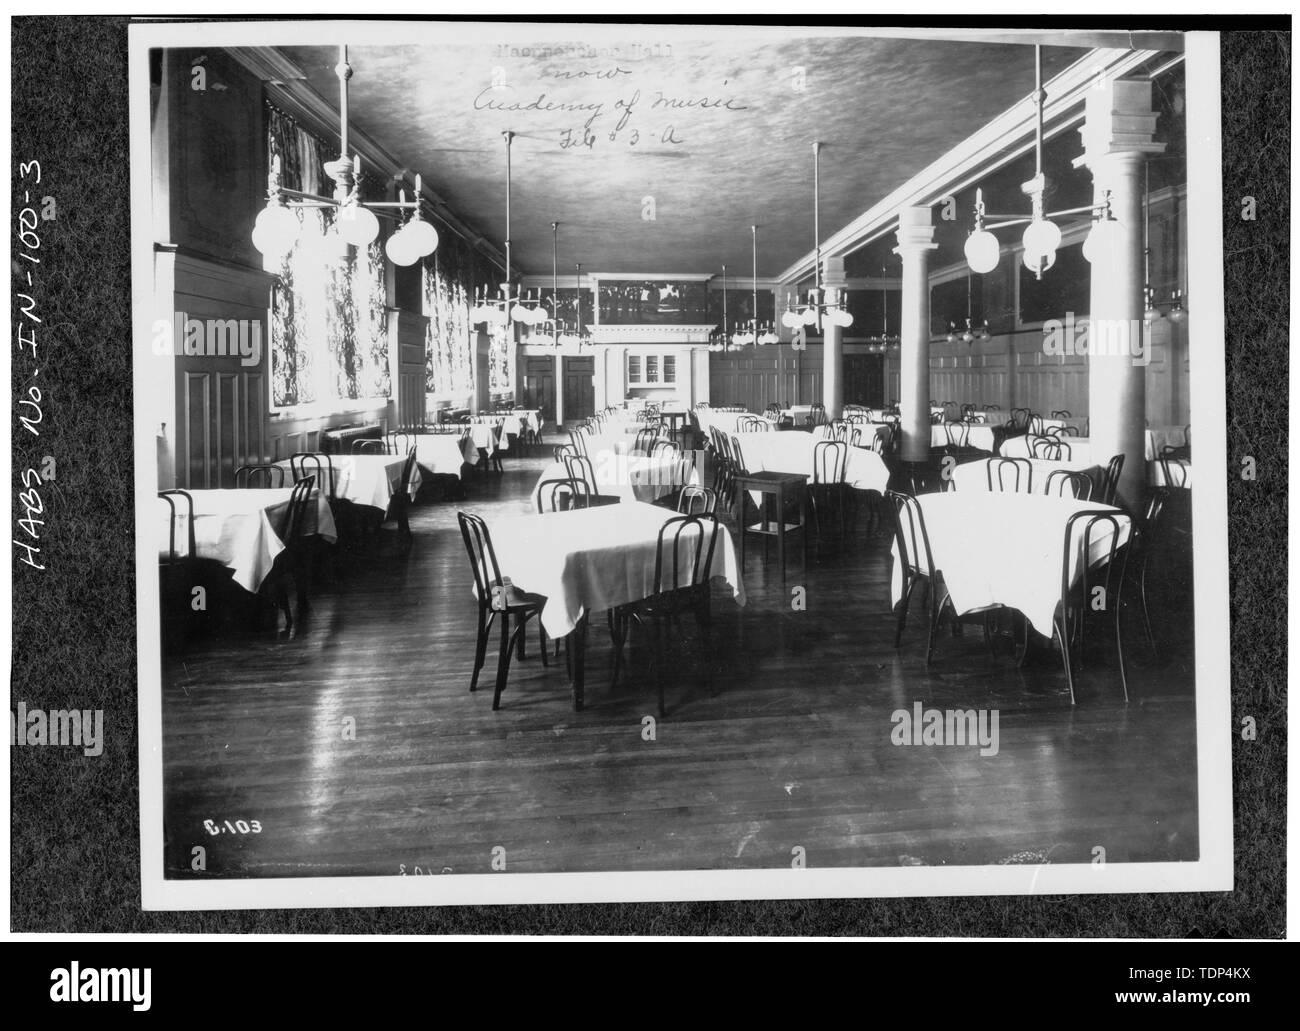 Indiana Historical Society Stock Photos & Indiana Historical